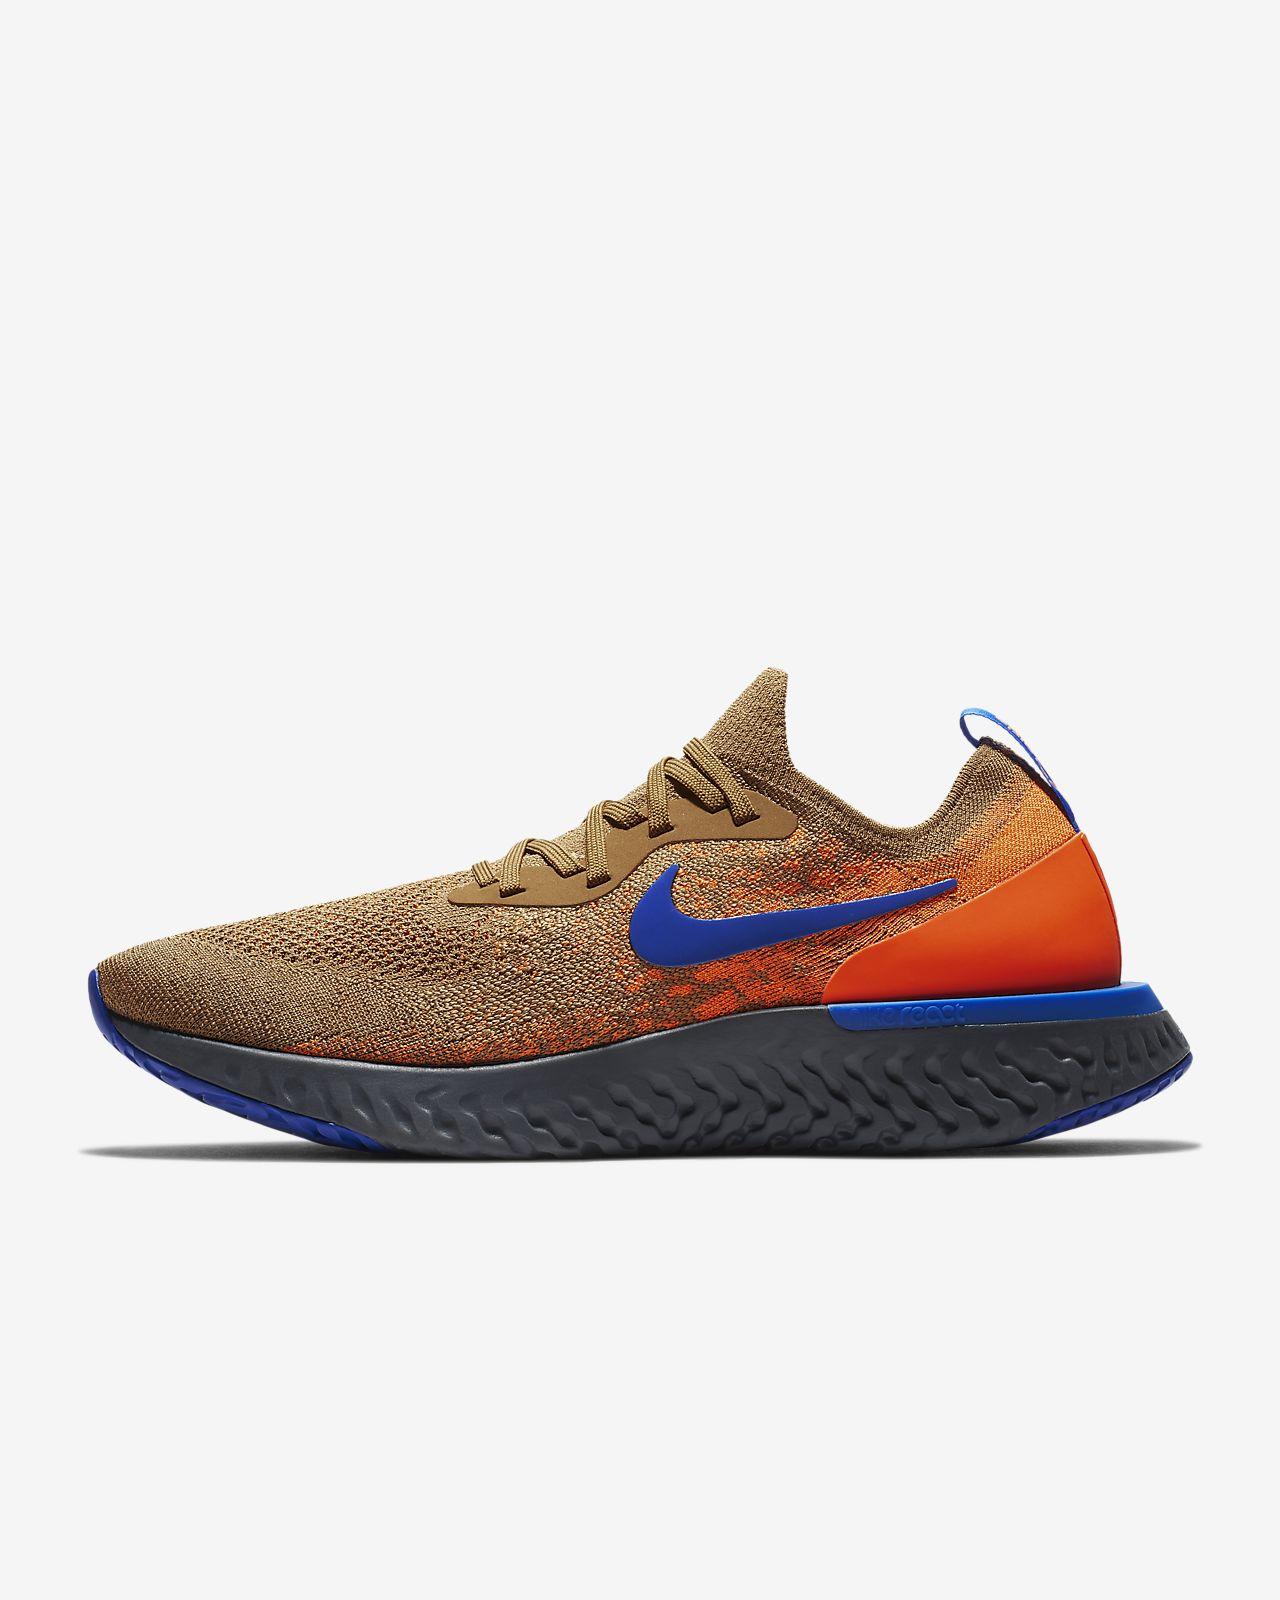 0ea78e7486cb9 Nike Epic React Flyknit 1 Men s Running Shoe. Nike.com